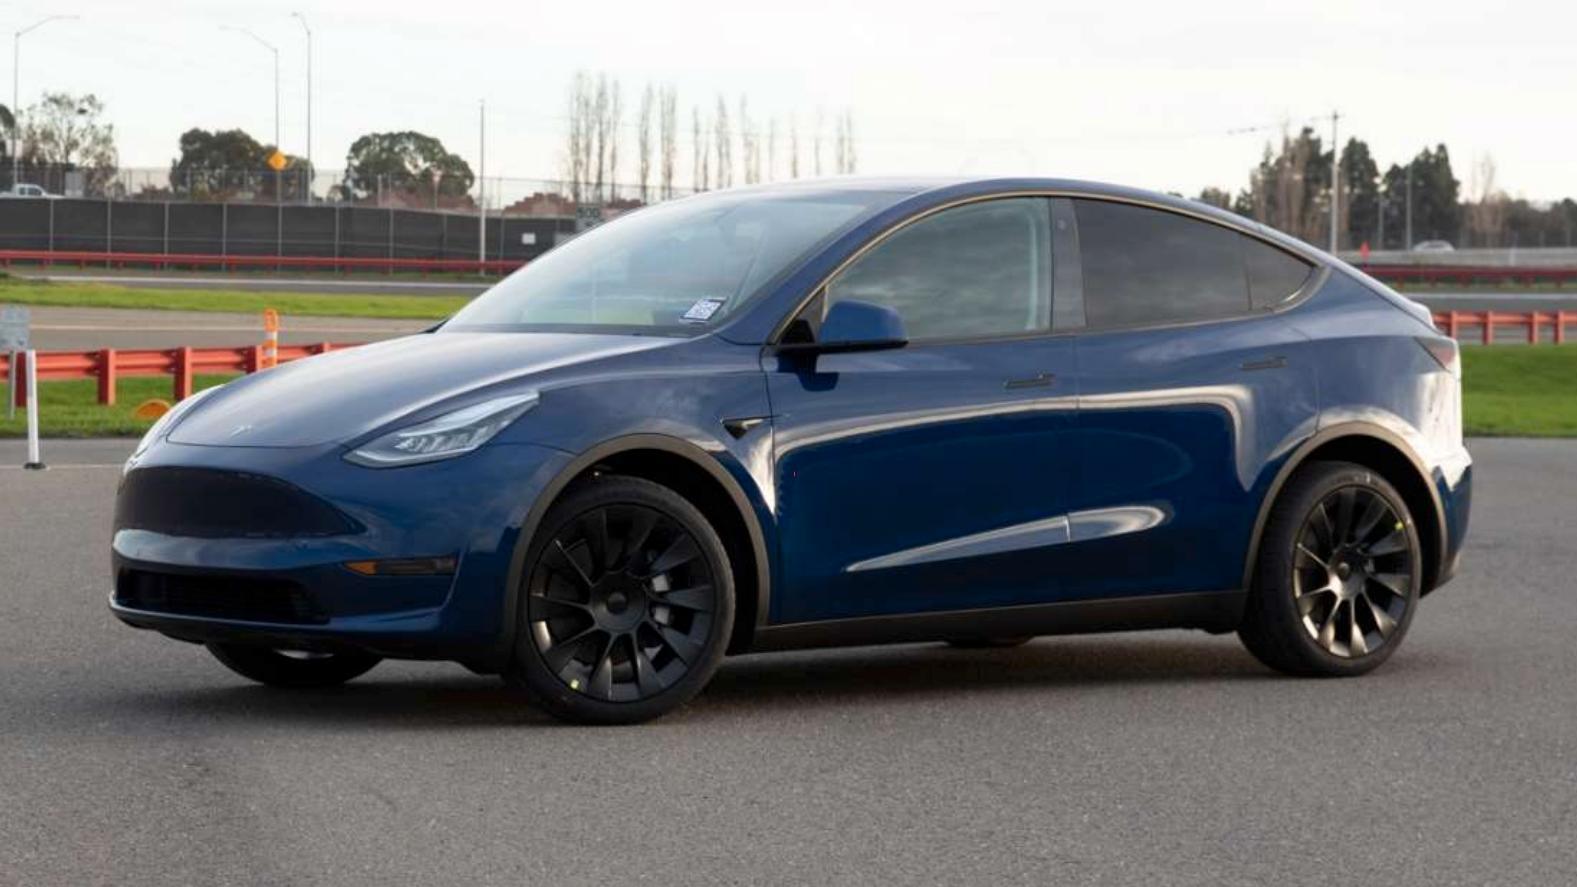 Tesla setter opp prisene